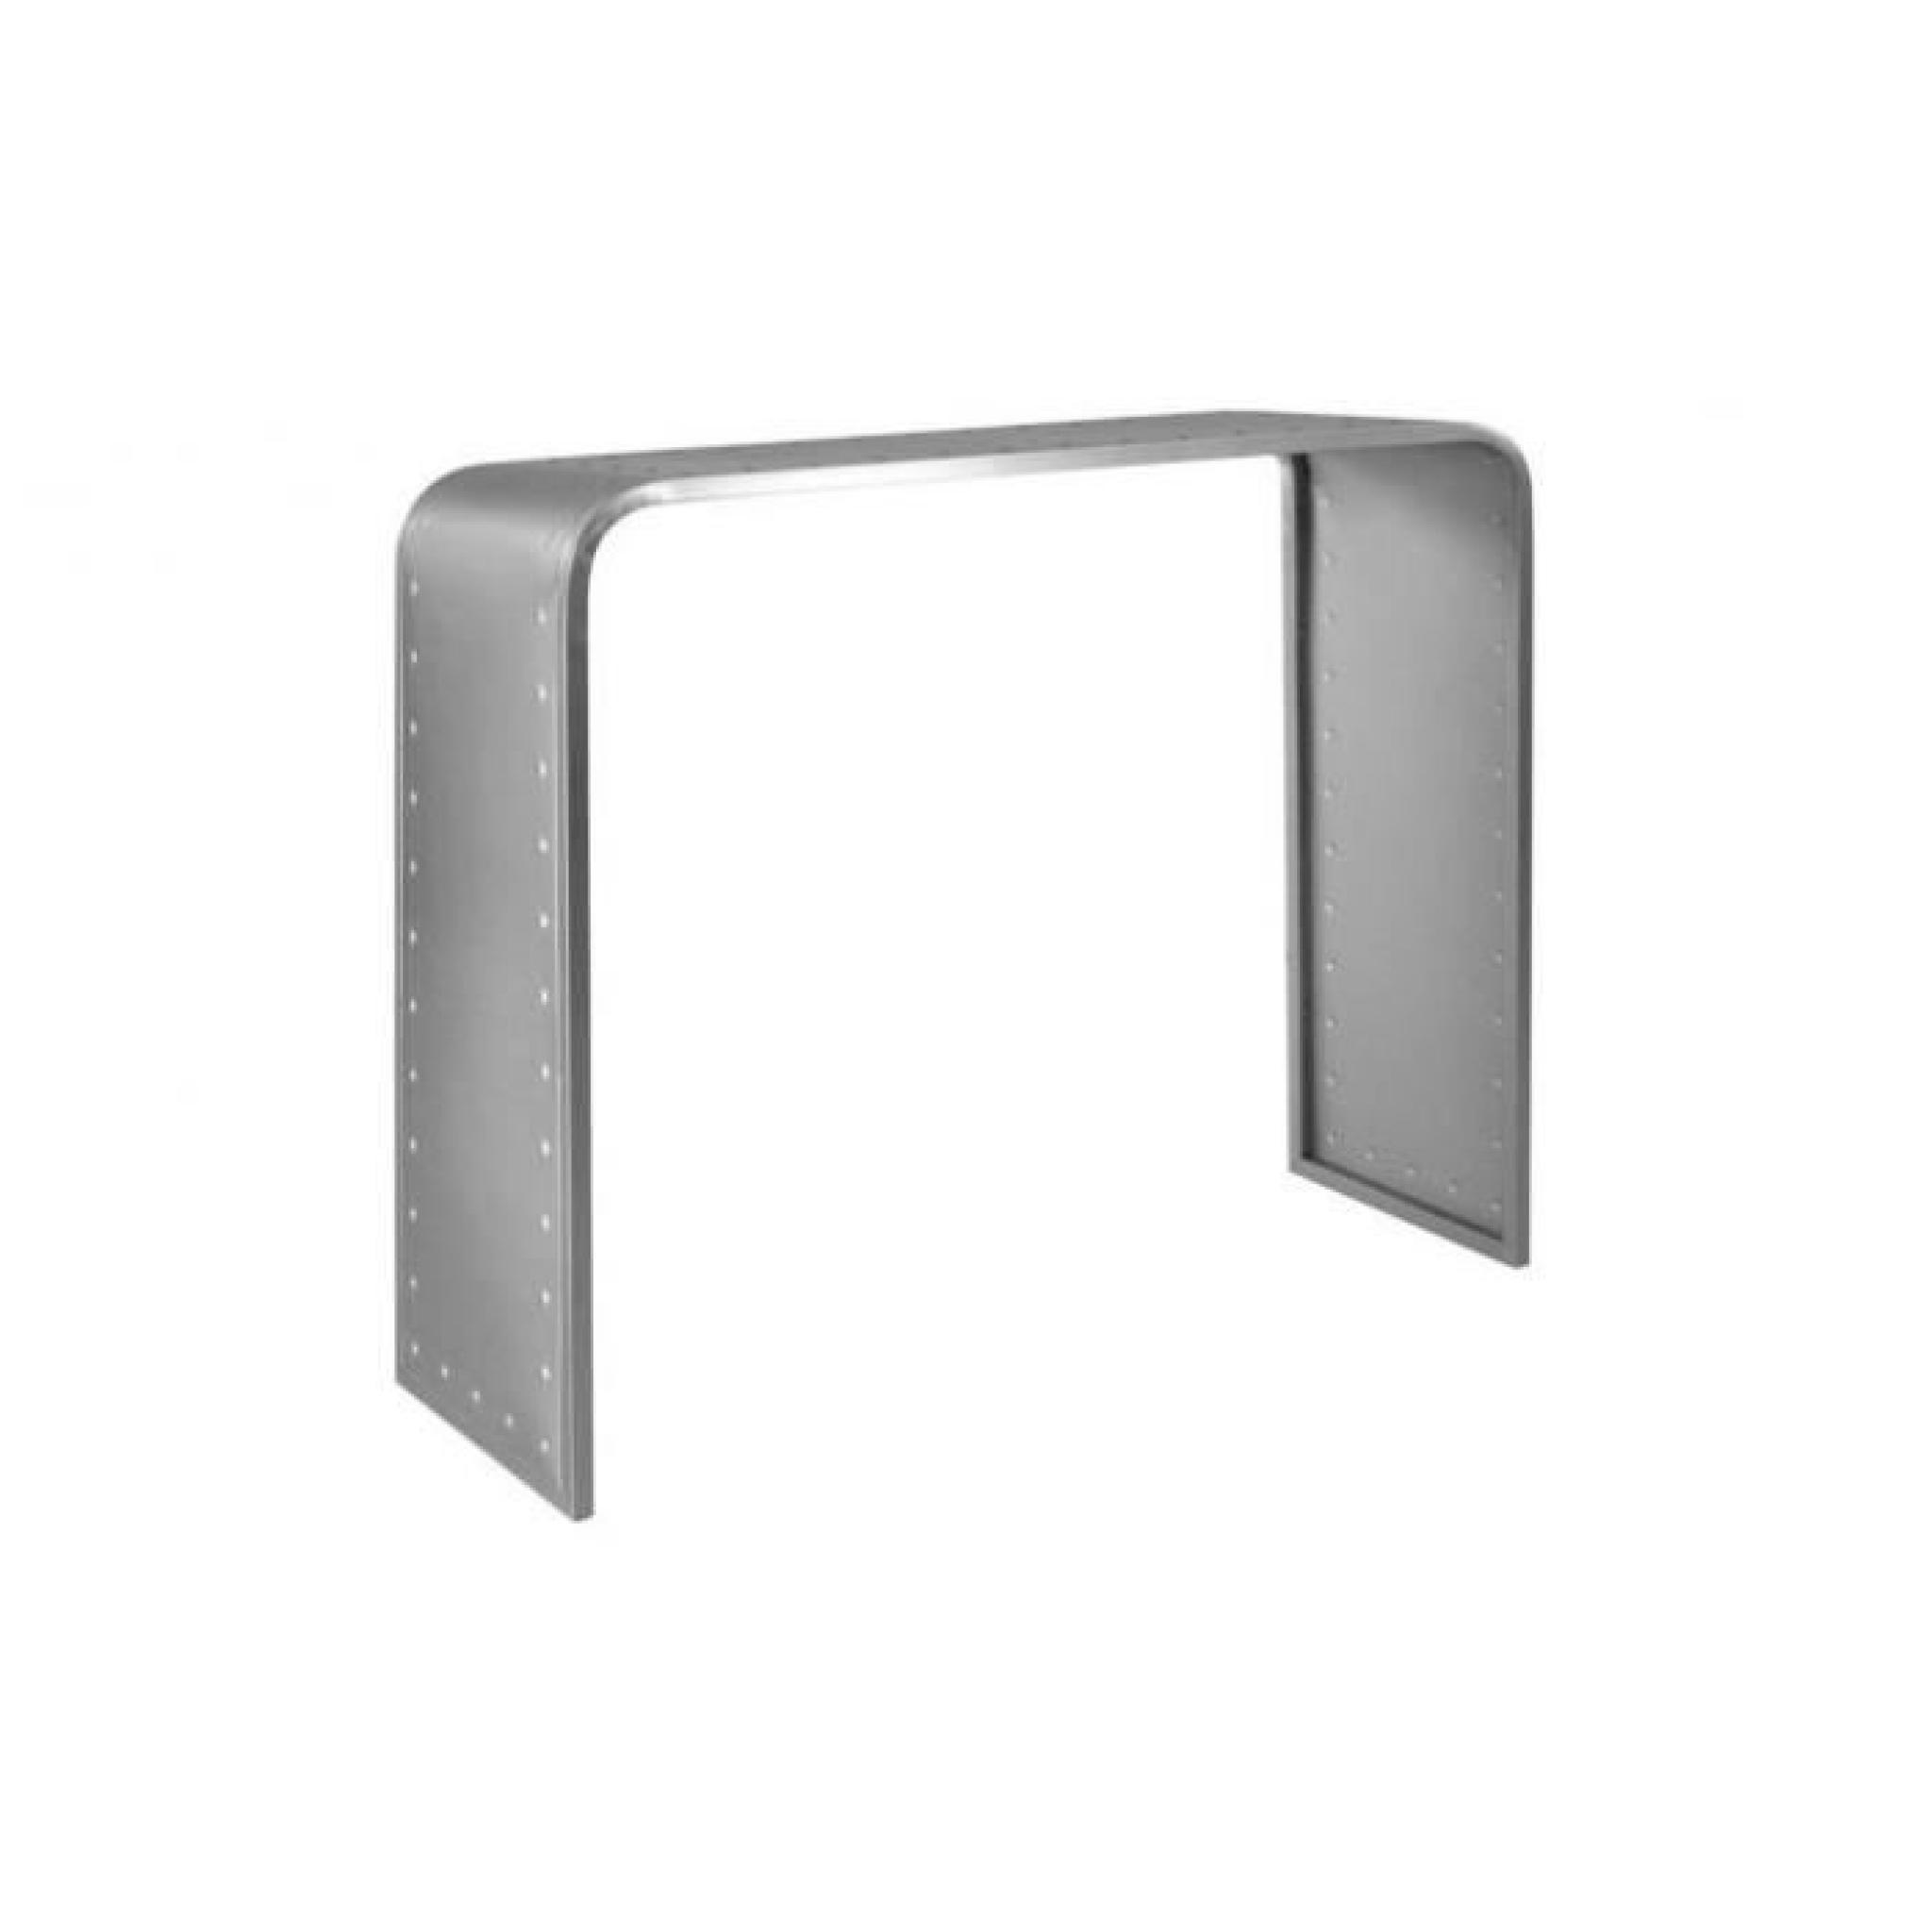 Console en m tal steely achat vente console meuble pas for Console meuble pas cher